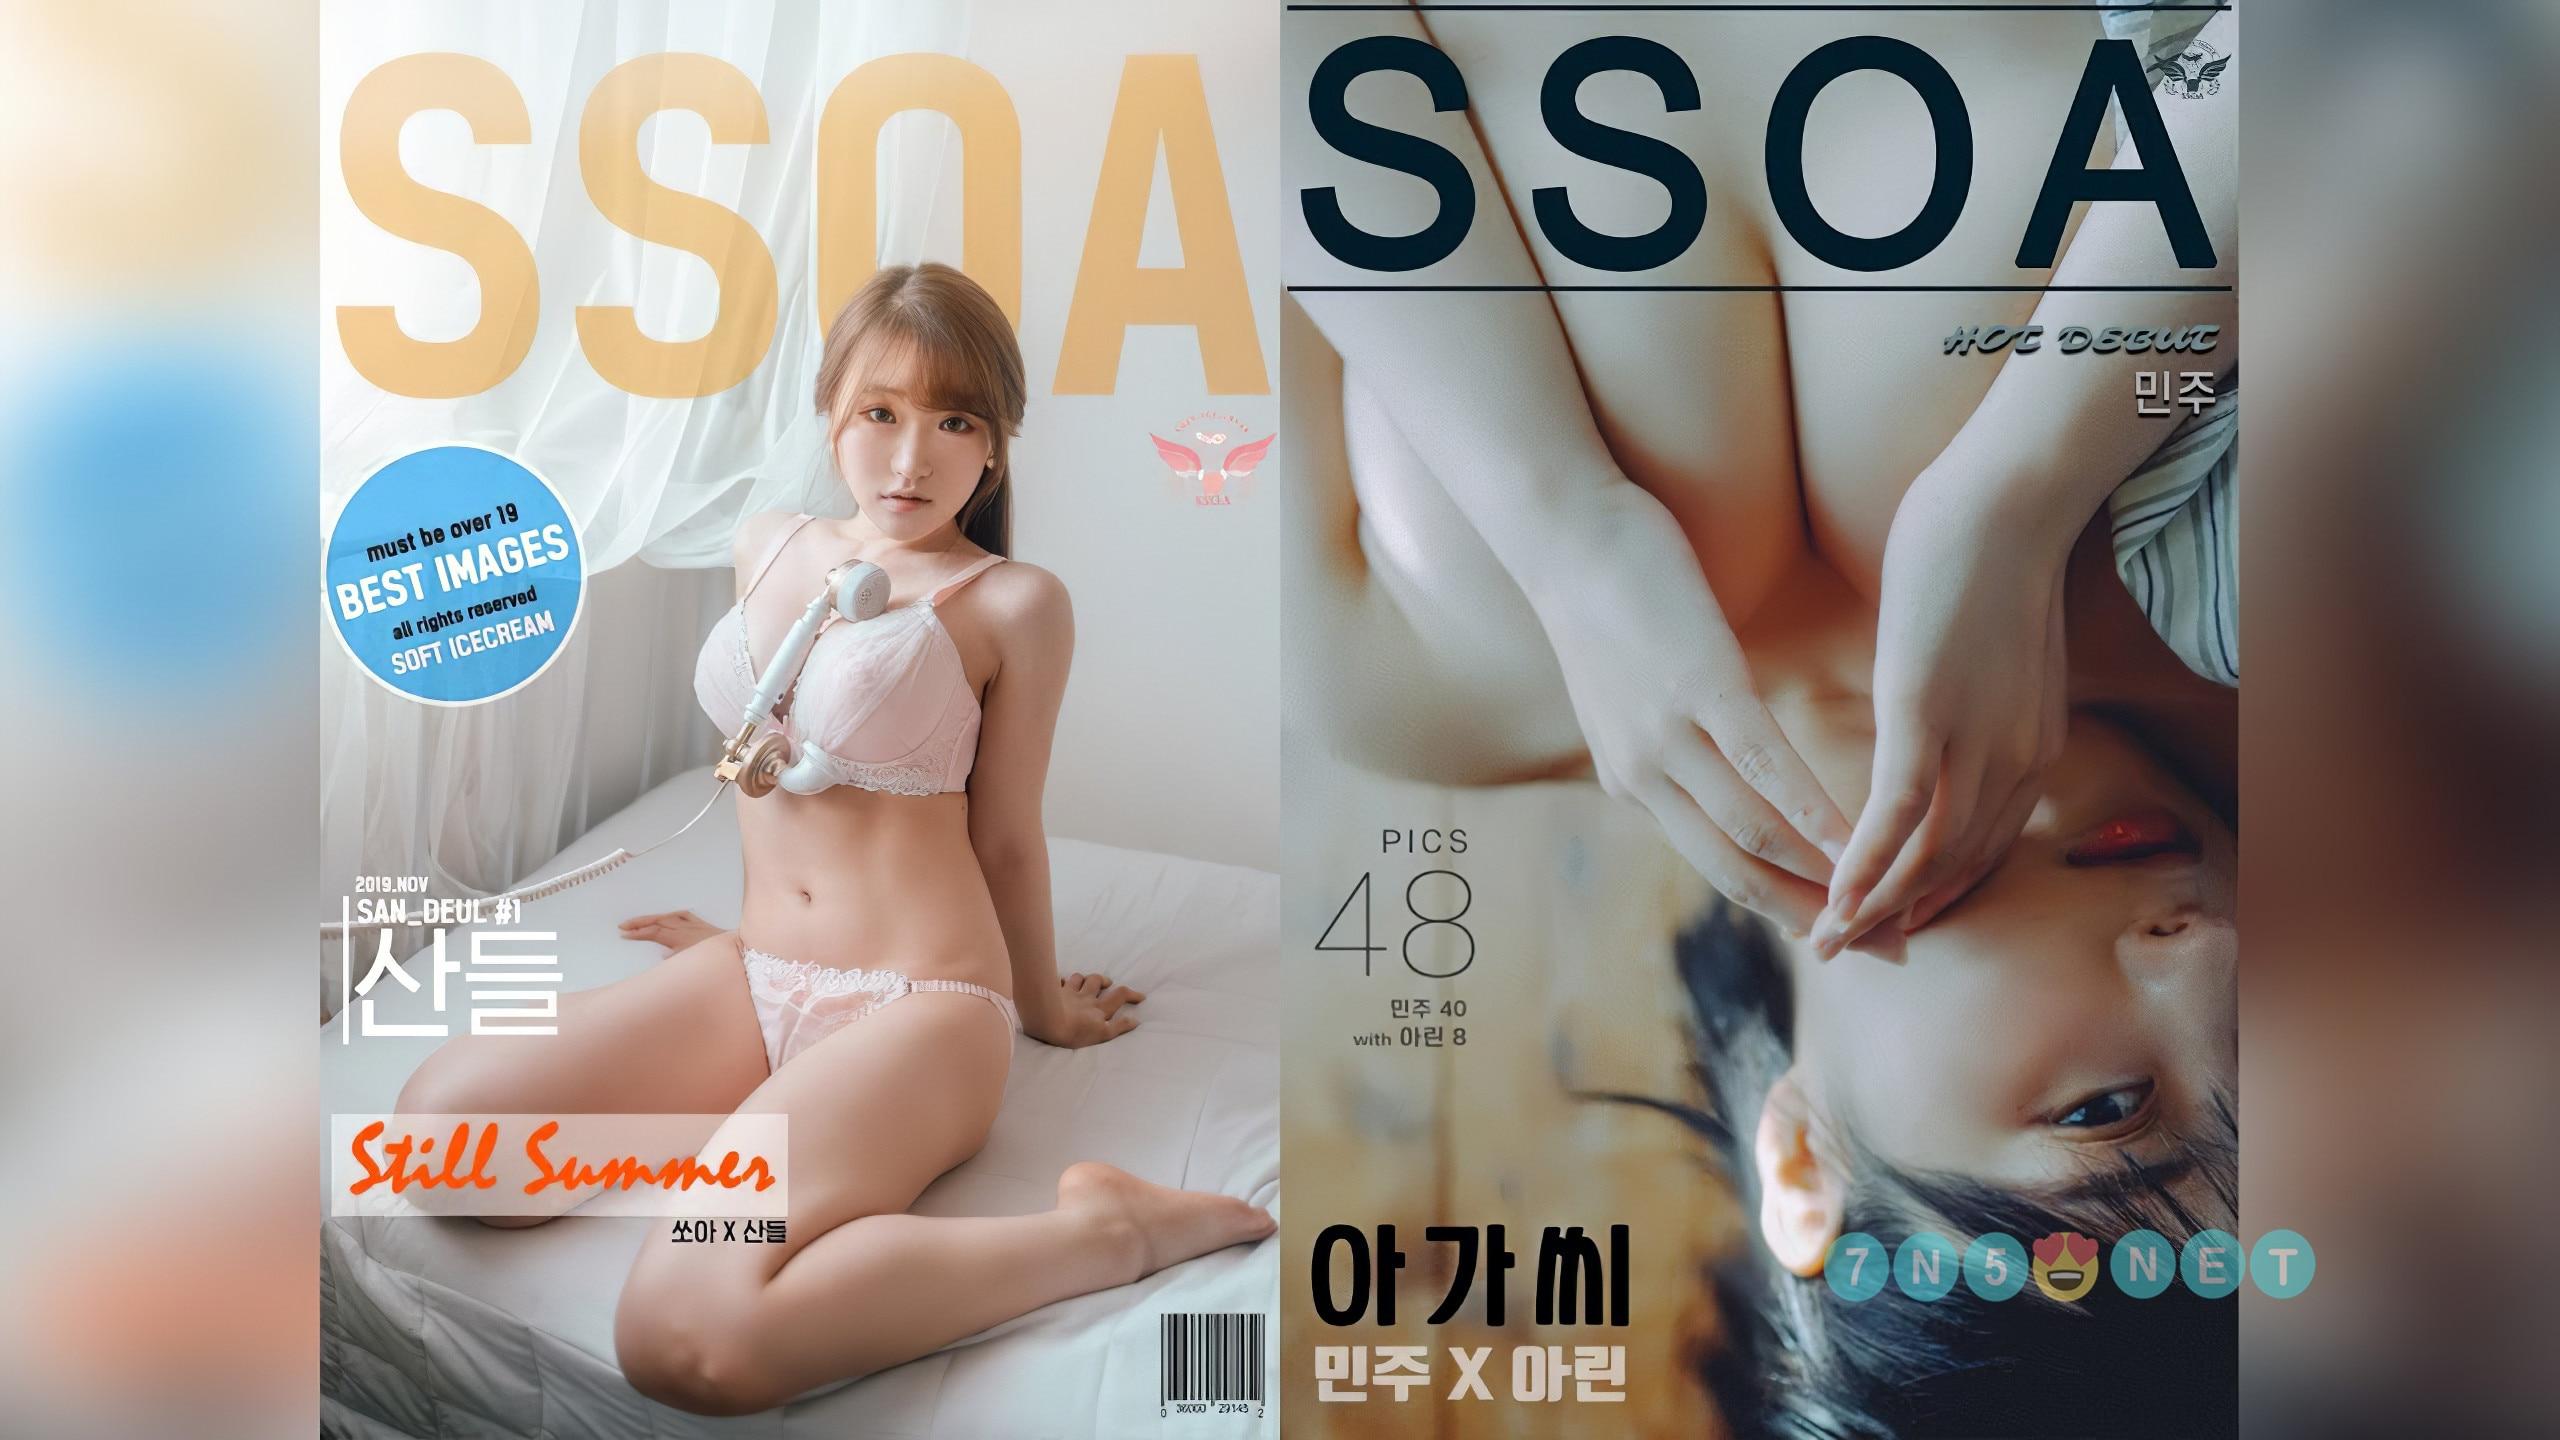 韩国SSOA摄影超清视频及2K图包打包[98V/140P/2.2G]